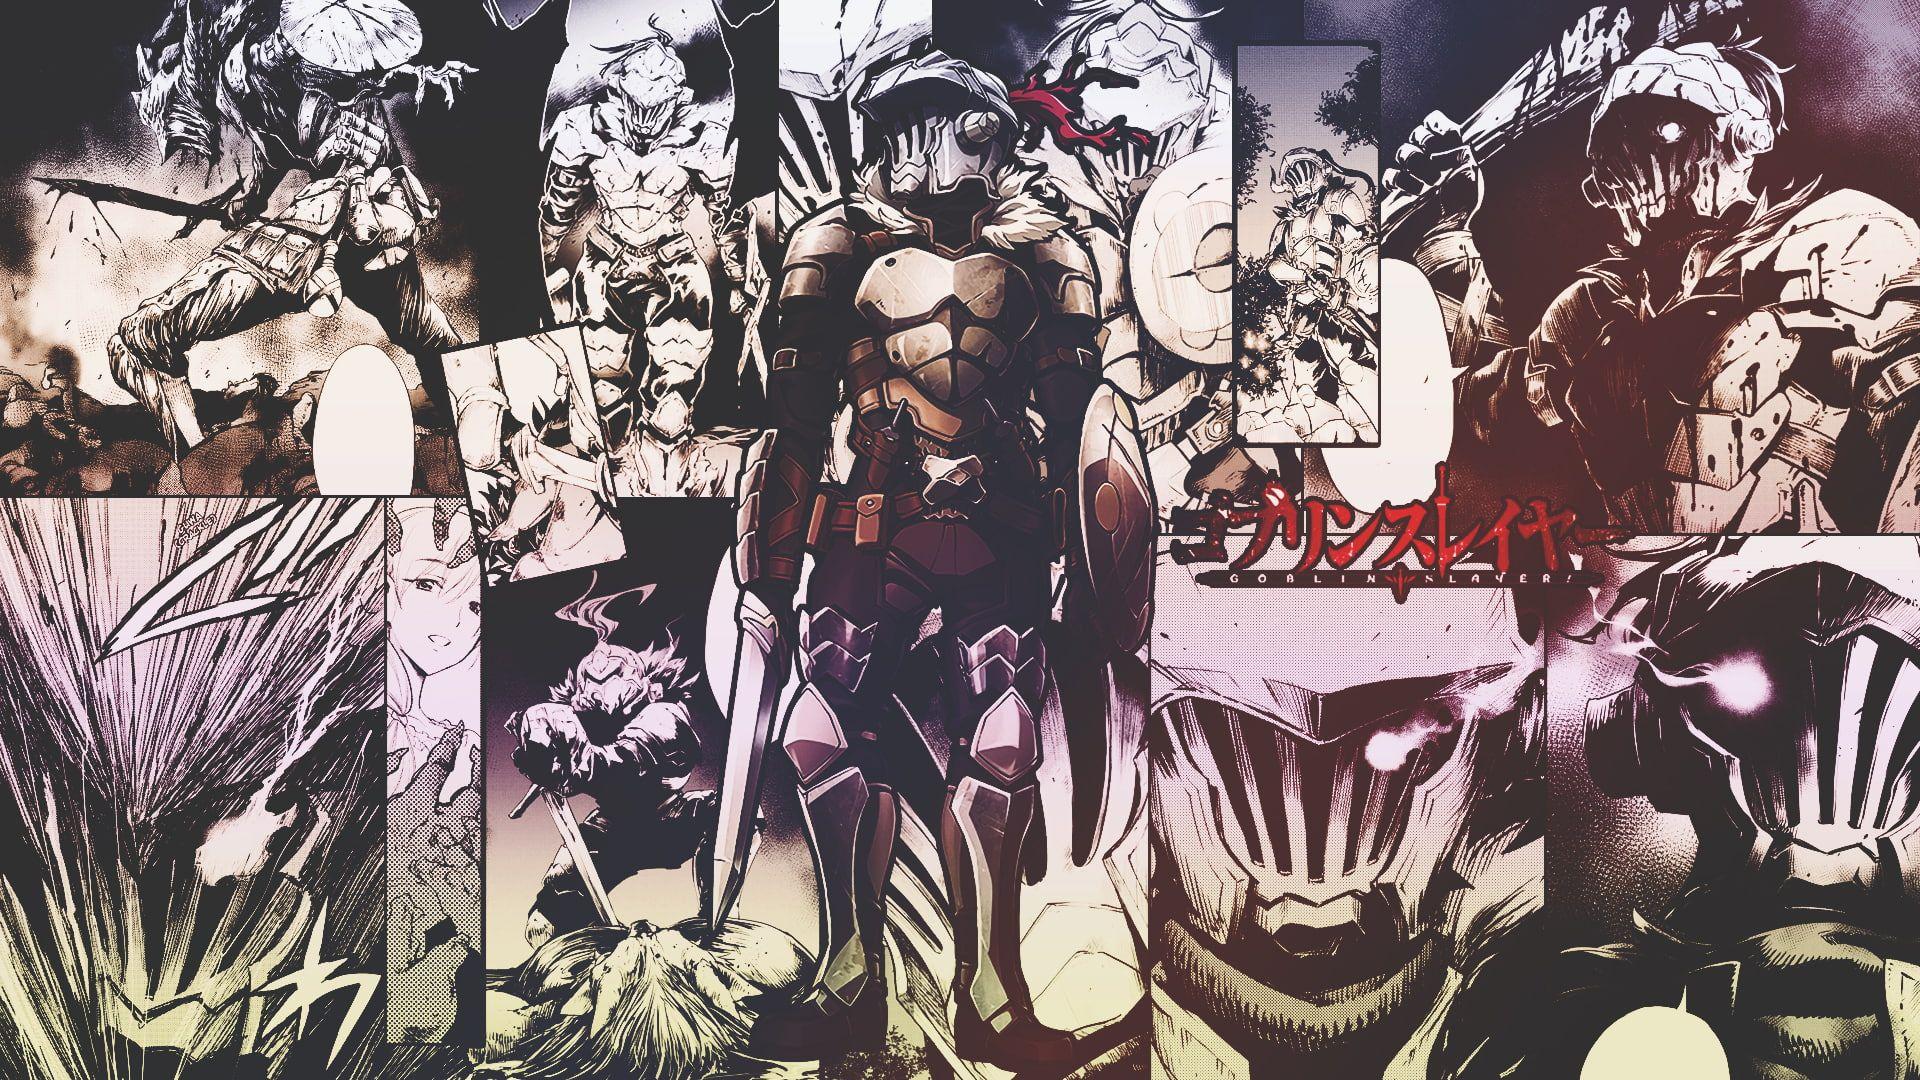 Anime Goblin Slayer 1080p Wallpaper Hdwallpaper Desktop Hd Anime Wallpapers Anime Wallpaper Anime